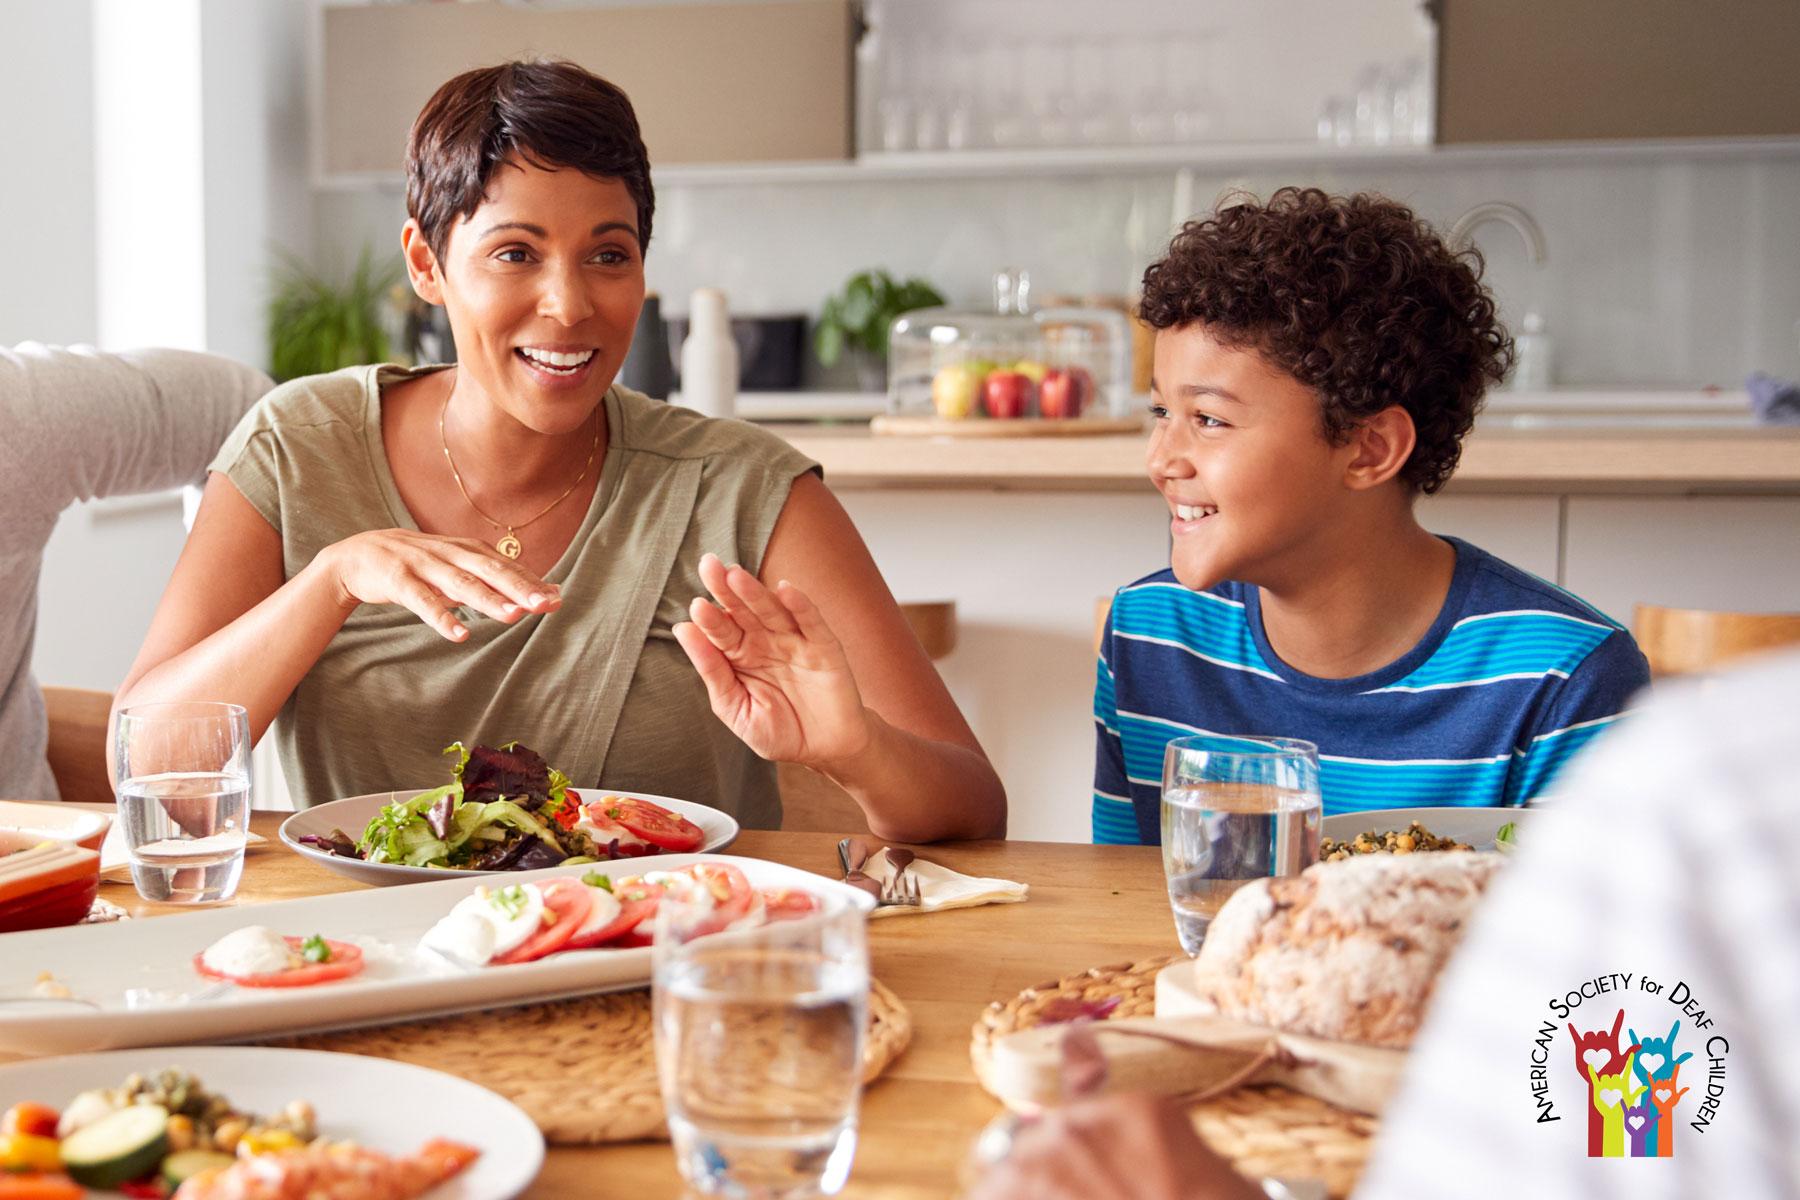 La imagen muestra a una familia sentada alrededor de una mesa conversando